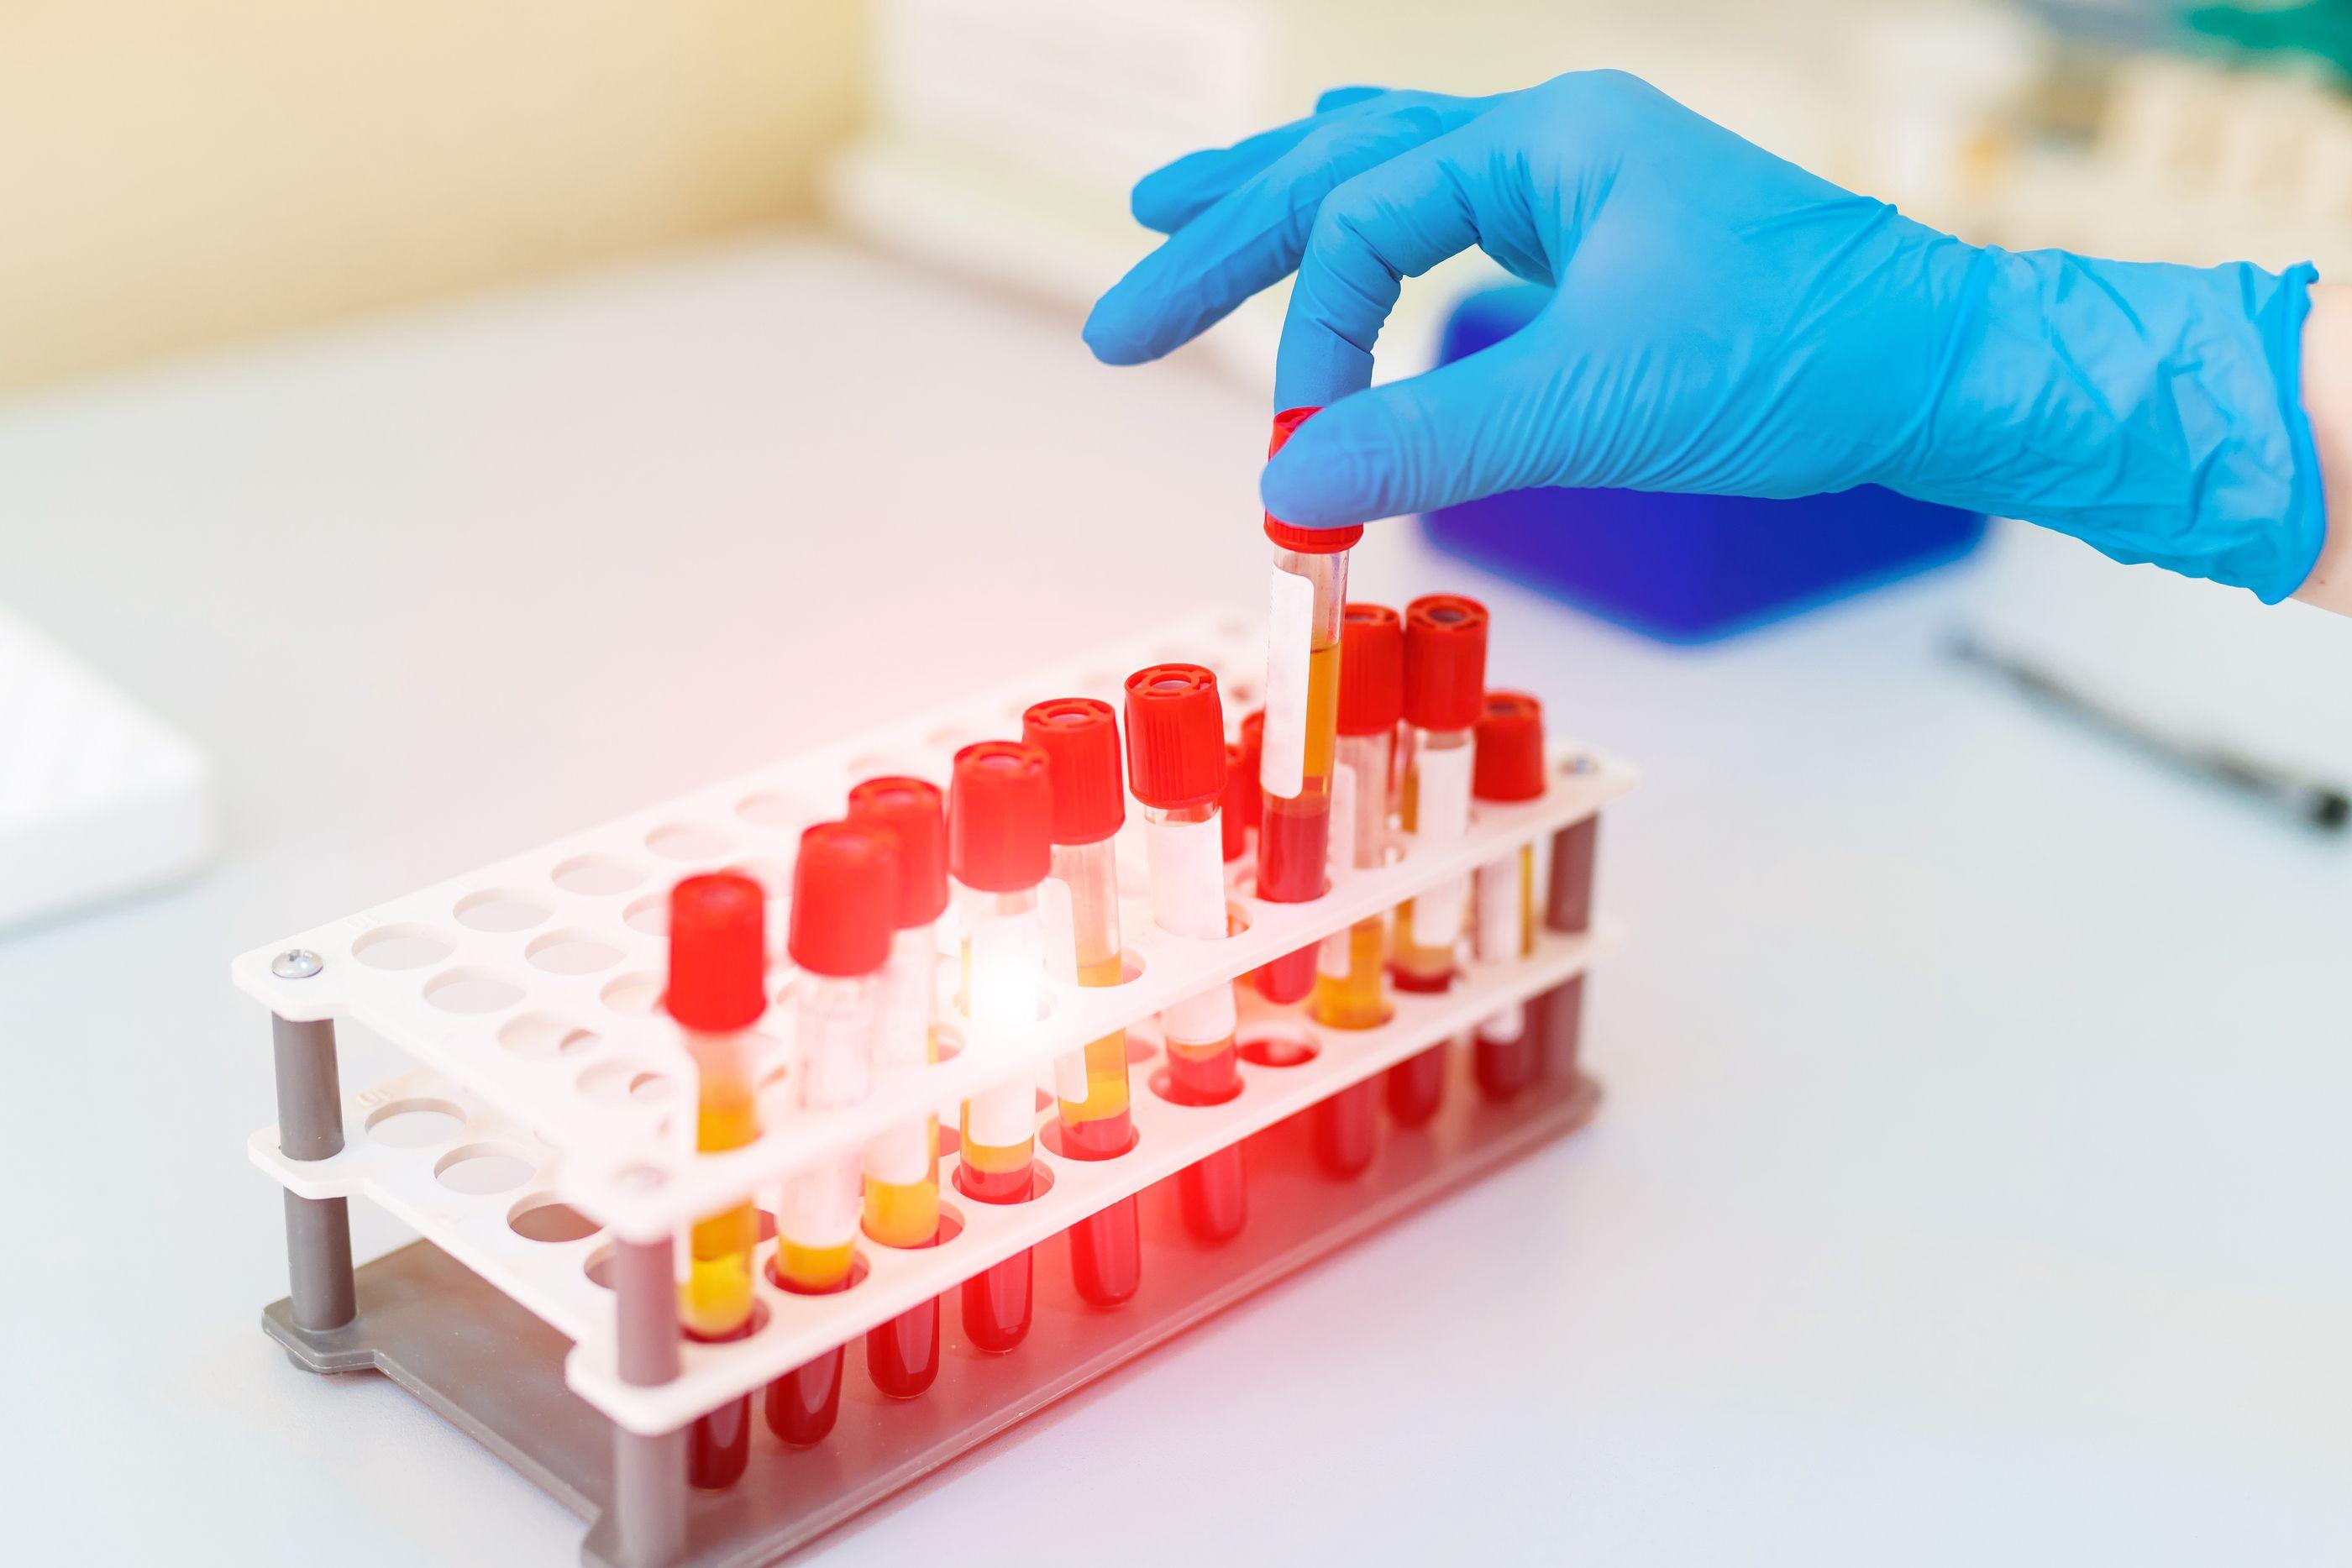 biopsia de próstata negativa para el cáncer de lab